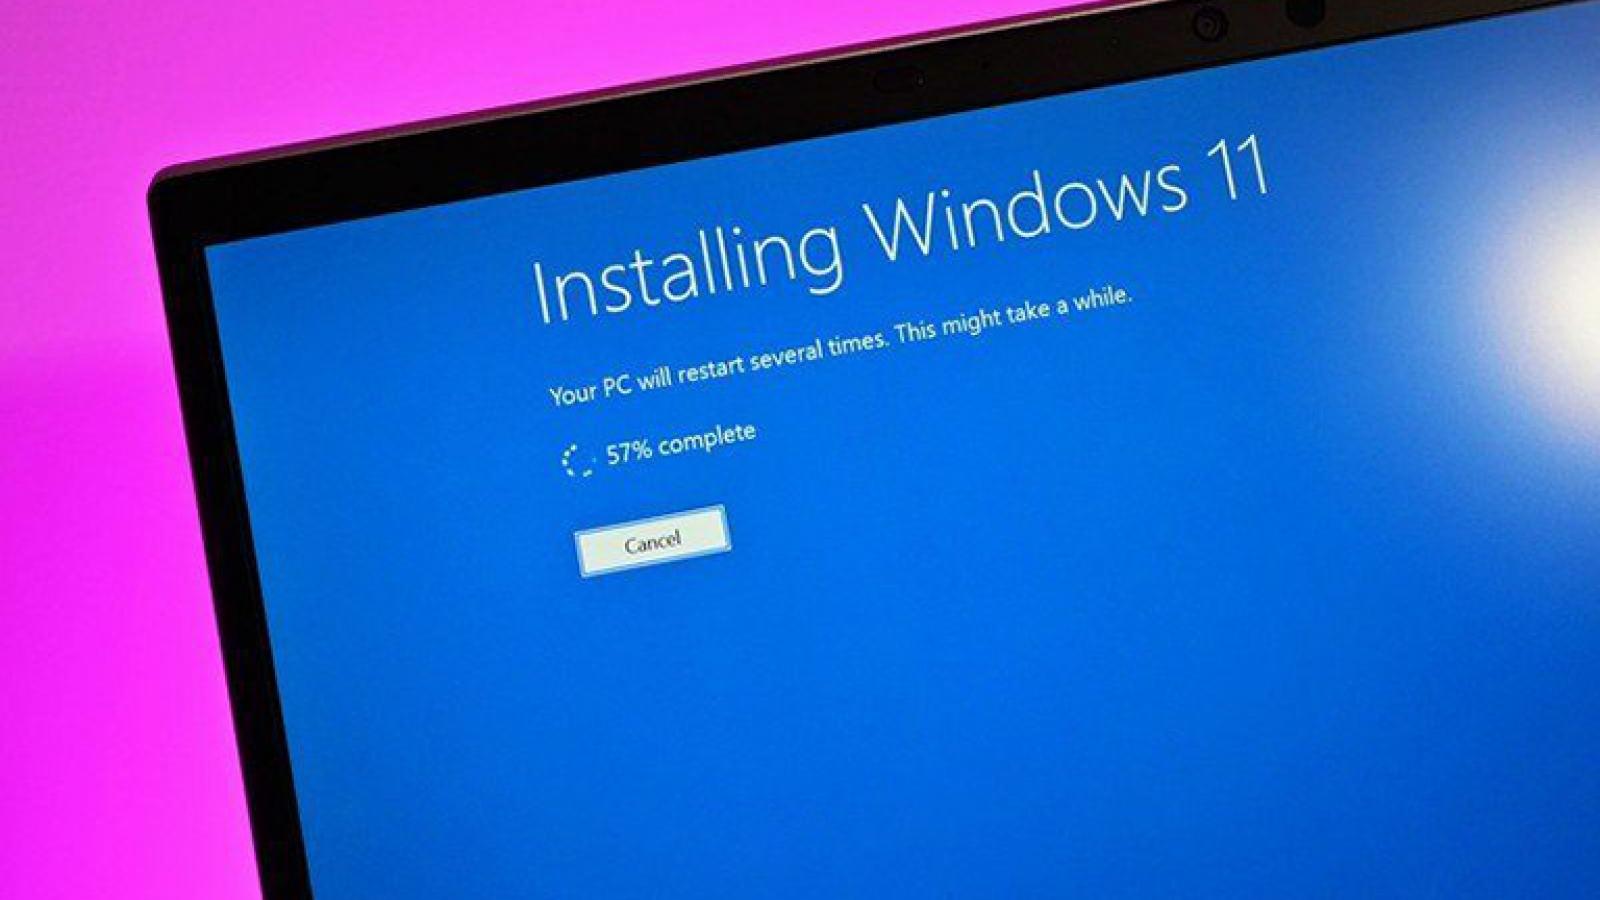 Windows 7 và 8.1 được phép nâng cấp lên Windows 11, nhưng hãy dè chừng